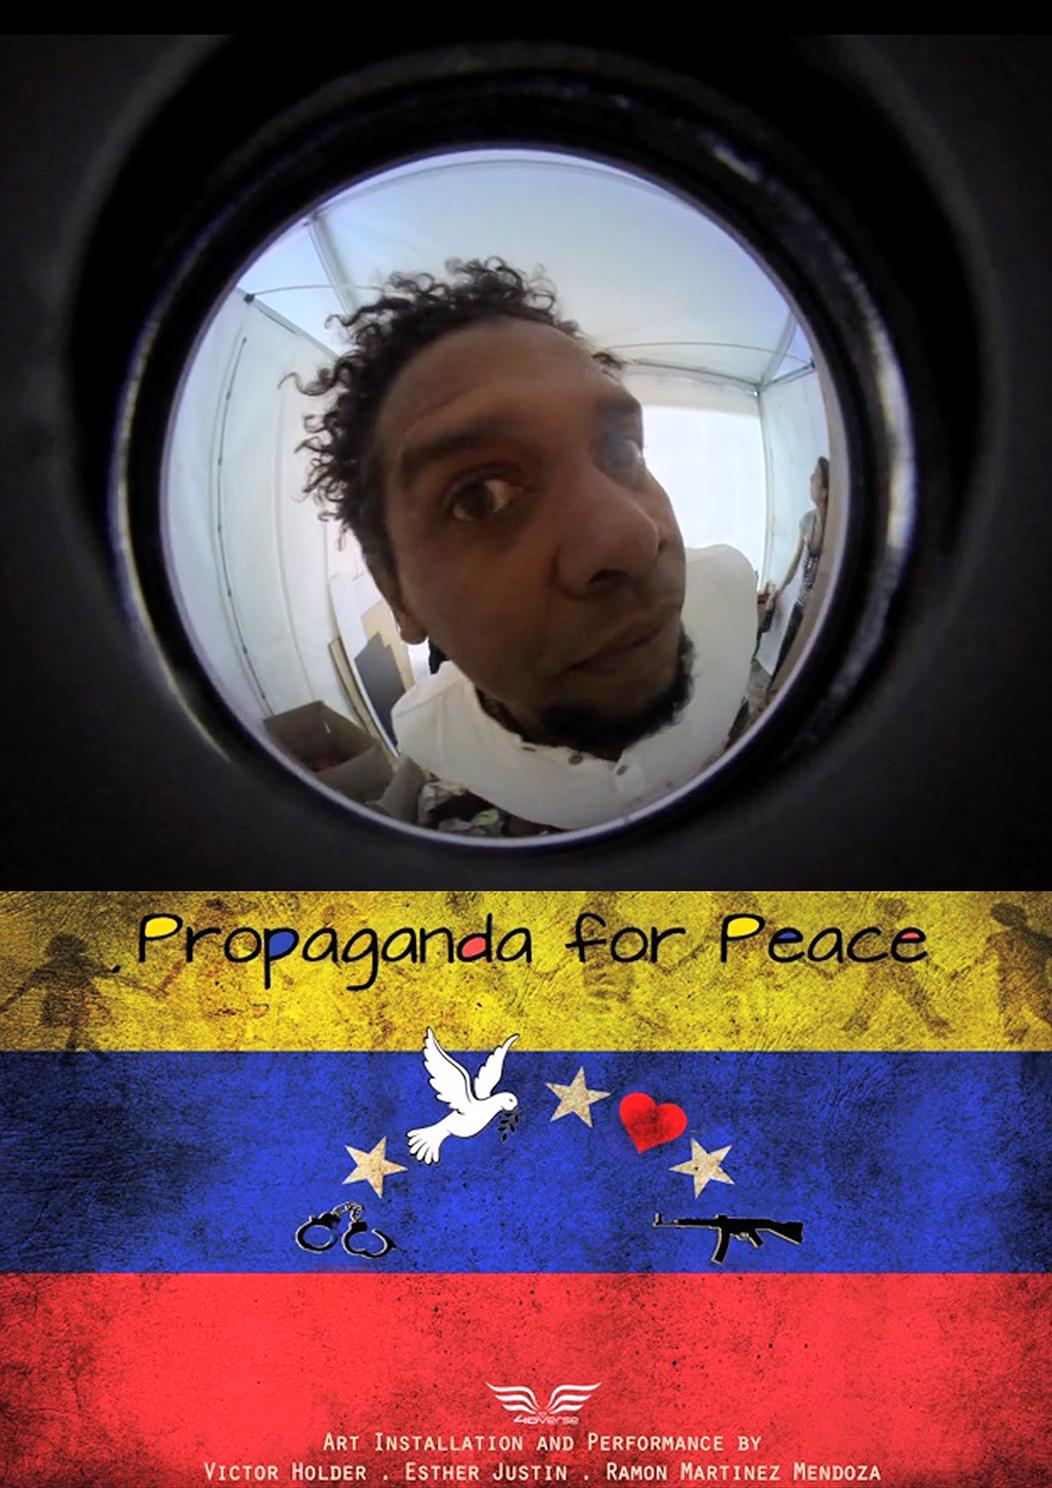 Propaganda for Peace